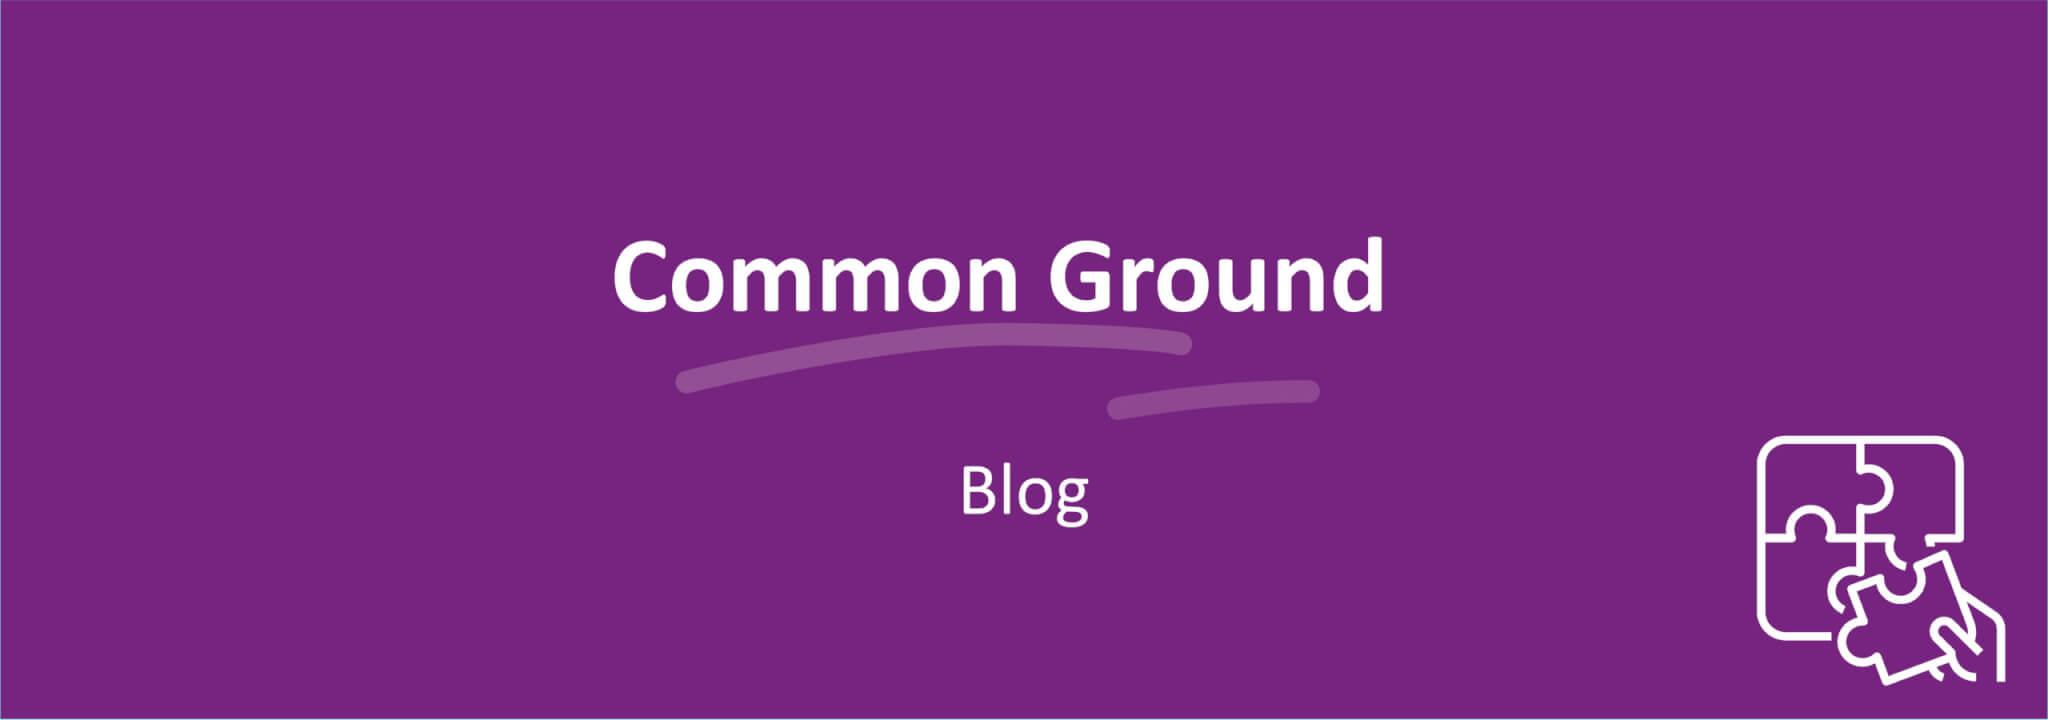 Common ground Image